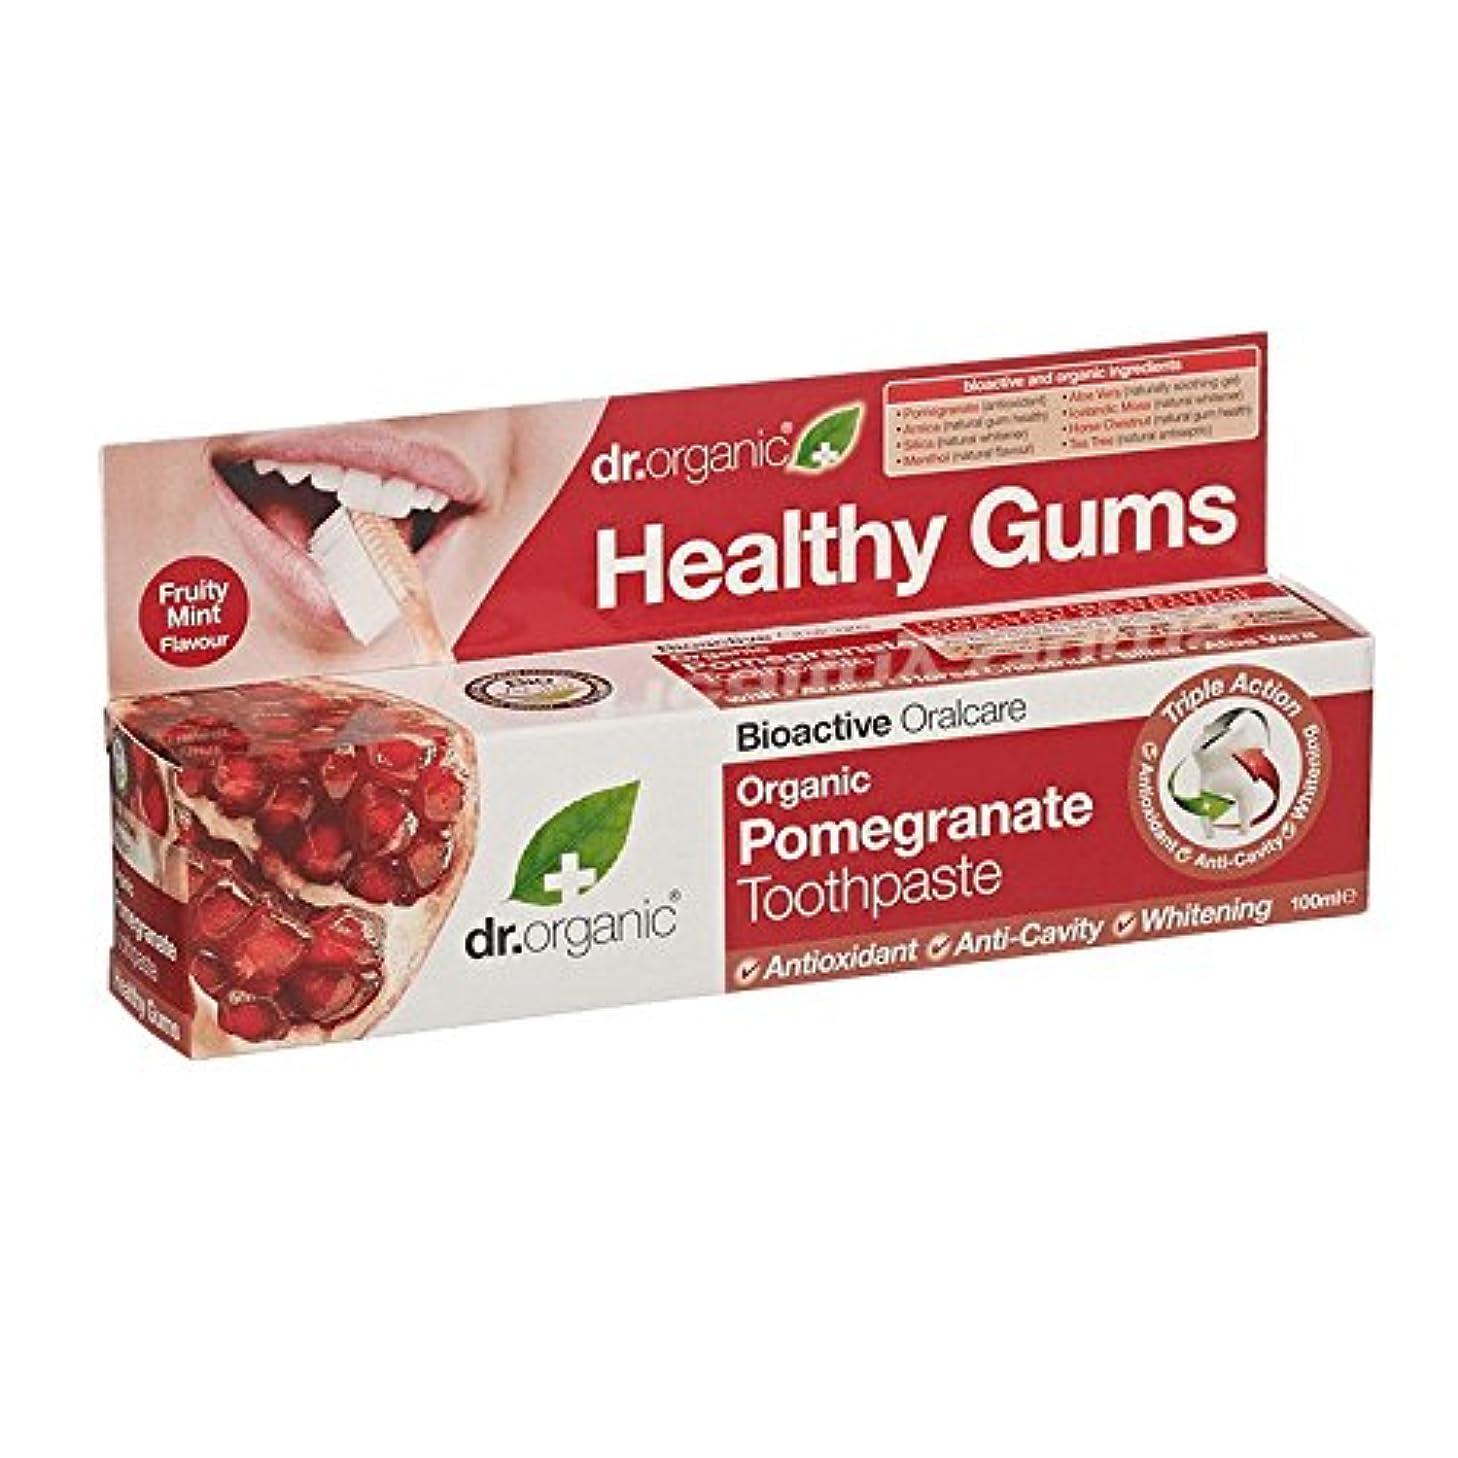 ただやるどのくらいの頻度でチャンピオンDr有機ザクロ歯磨き粉 - Dr Organic Pomegranate Toothpaste (Dr Organic) [並行輸入品]